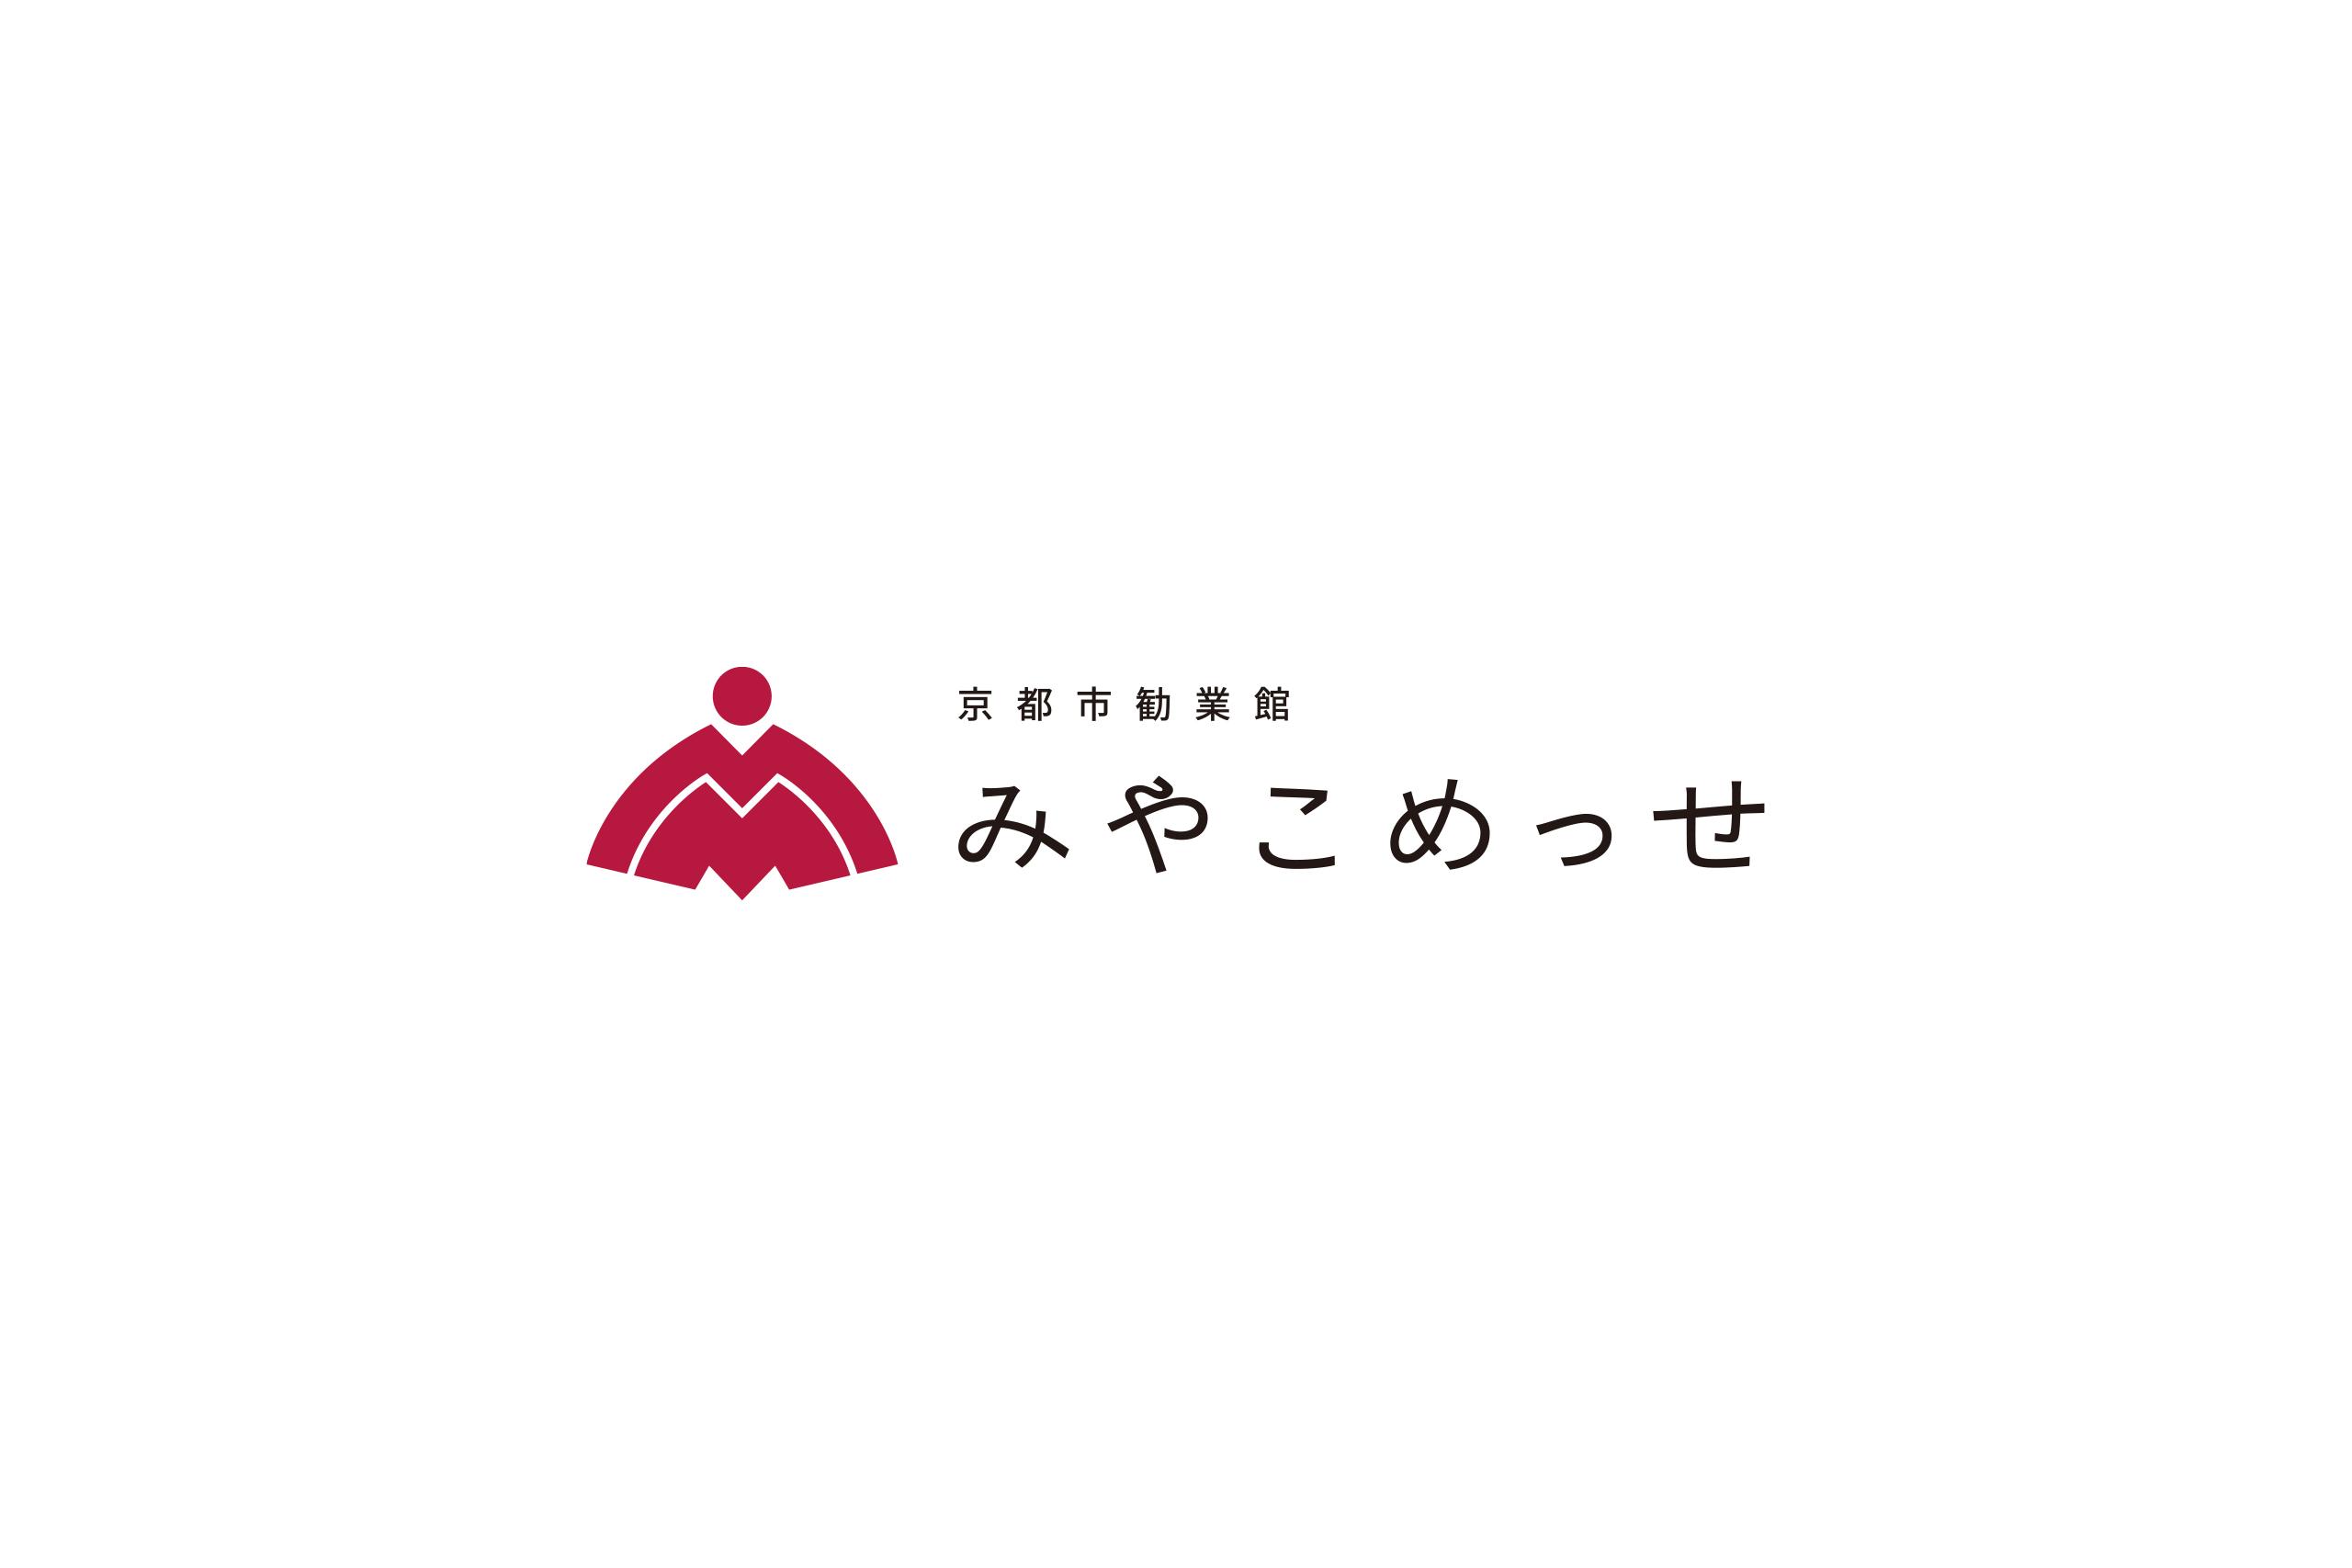 miyako_messe_logo0003